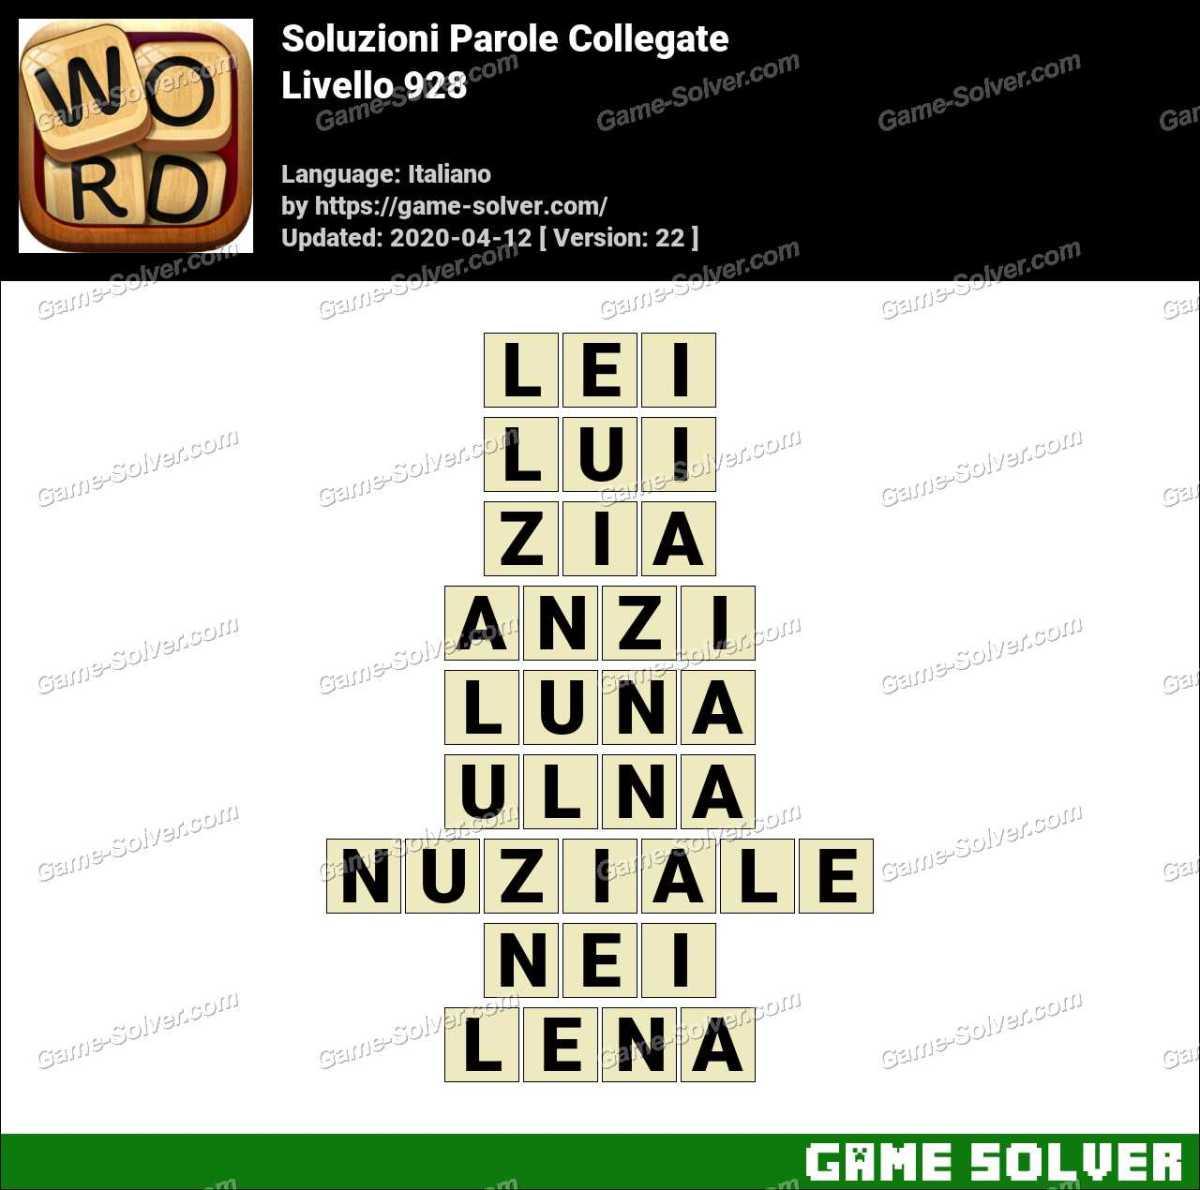 Soluzioni Parole Collegate Livello 928